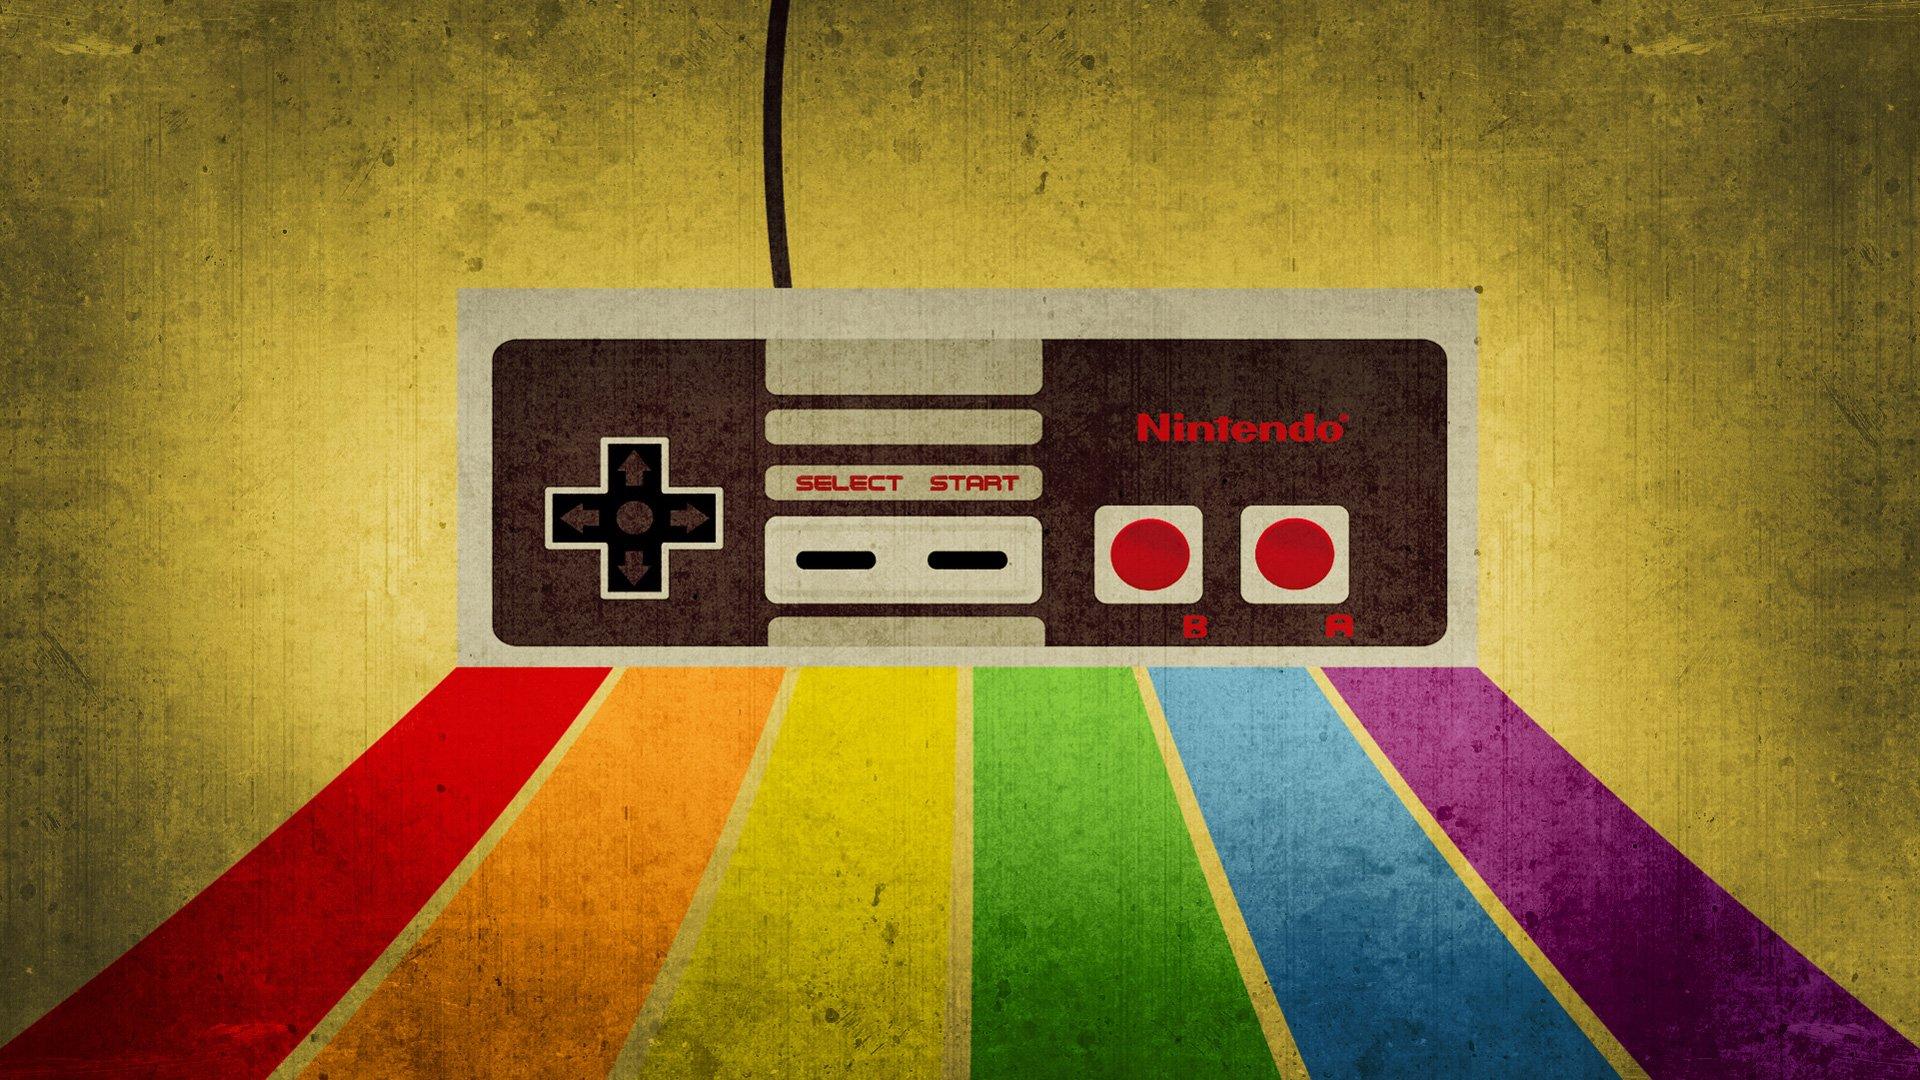 Hd retro gaming wallpapers wallpapersafari - Nes wallpaper ...